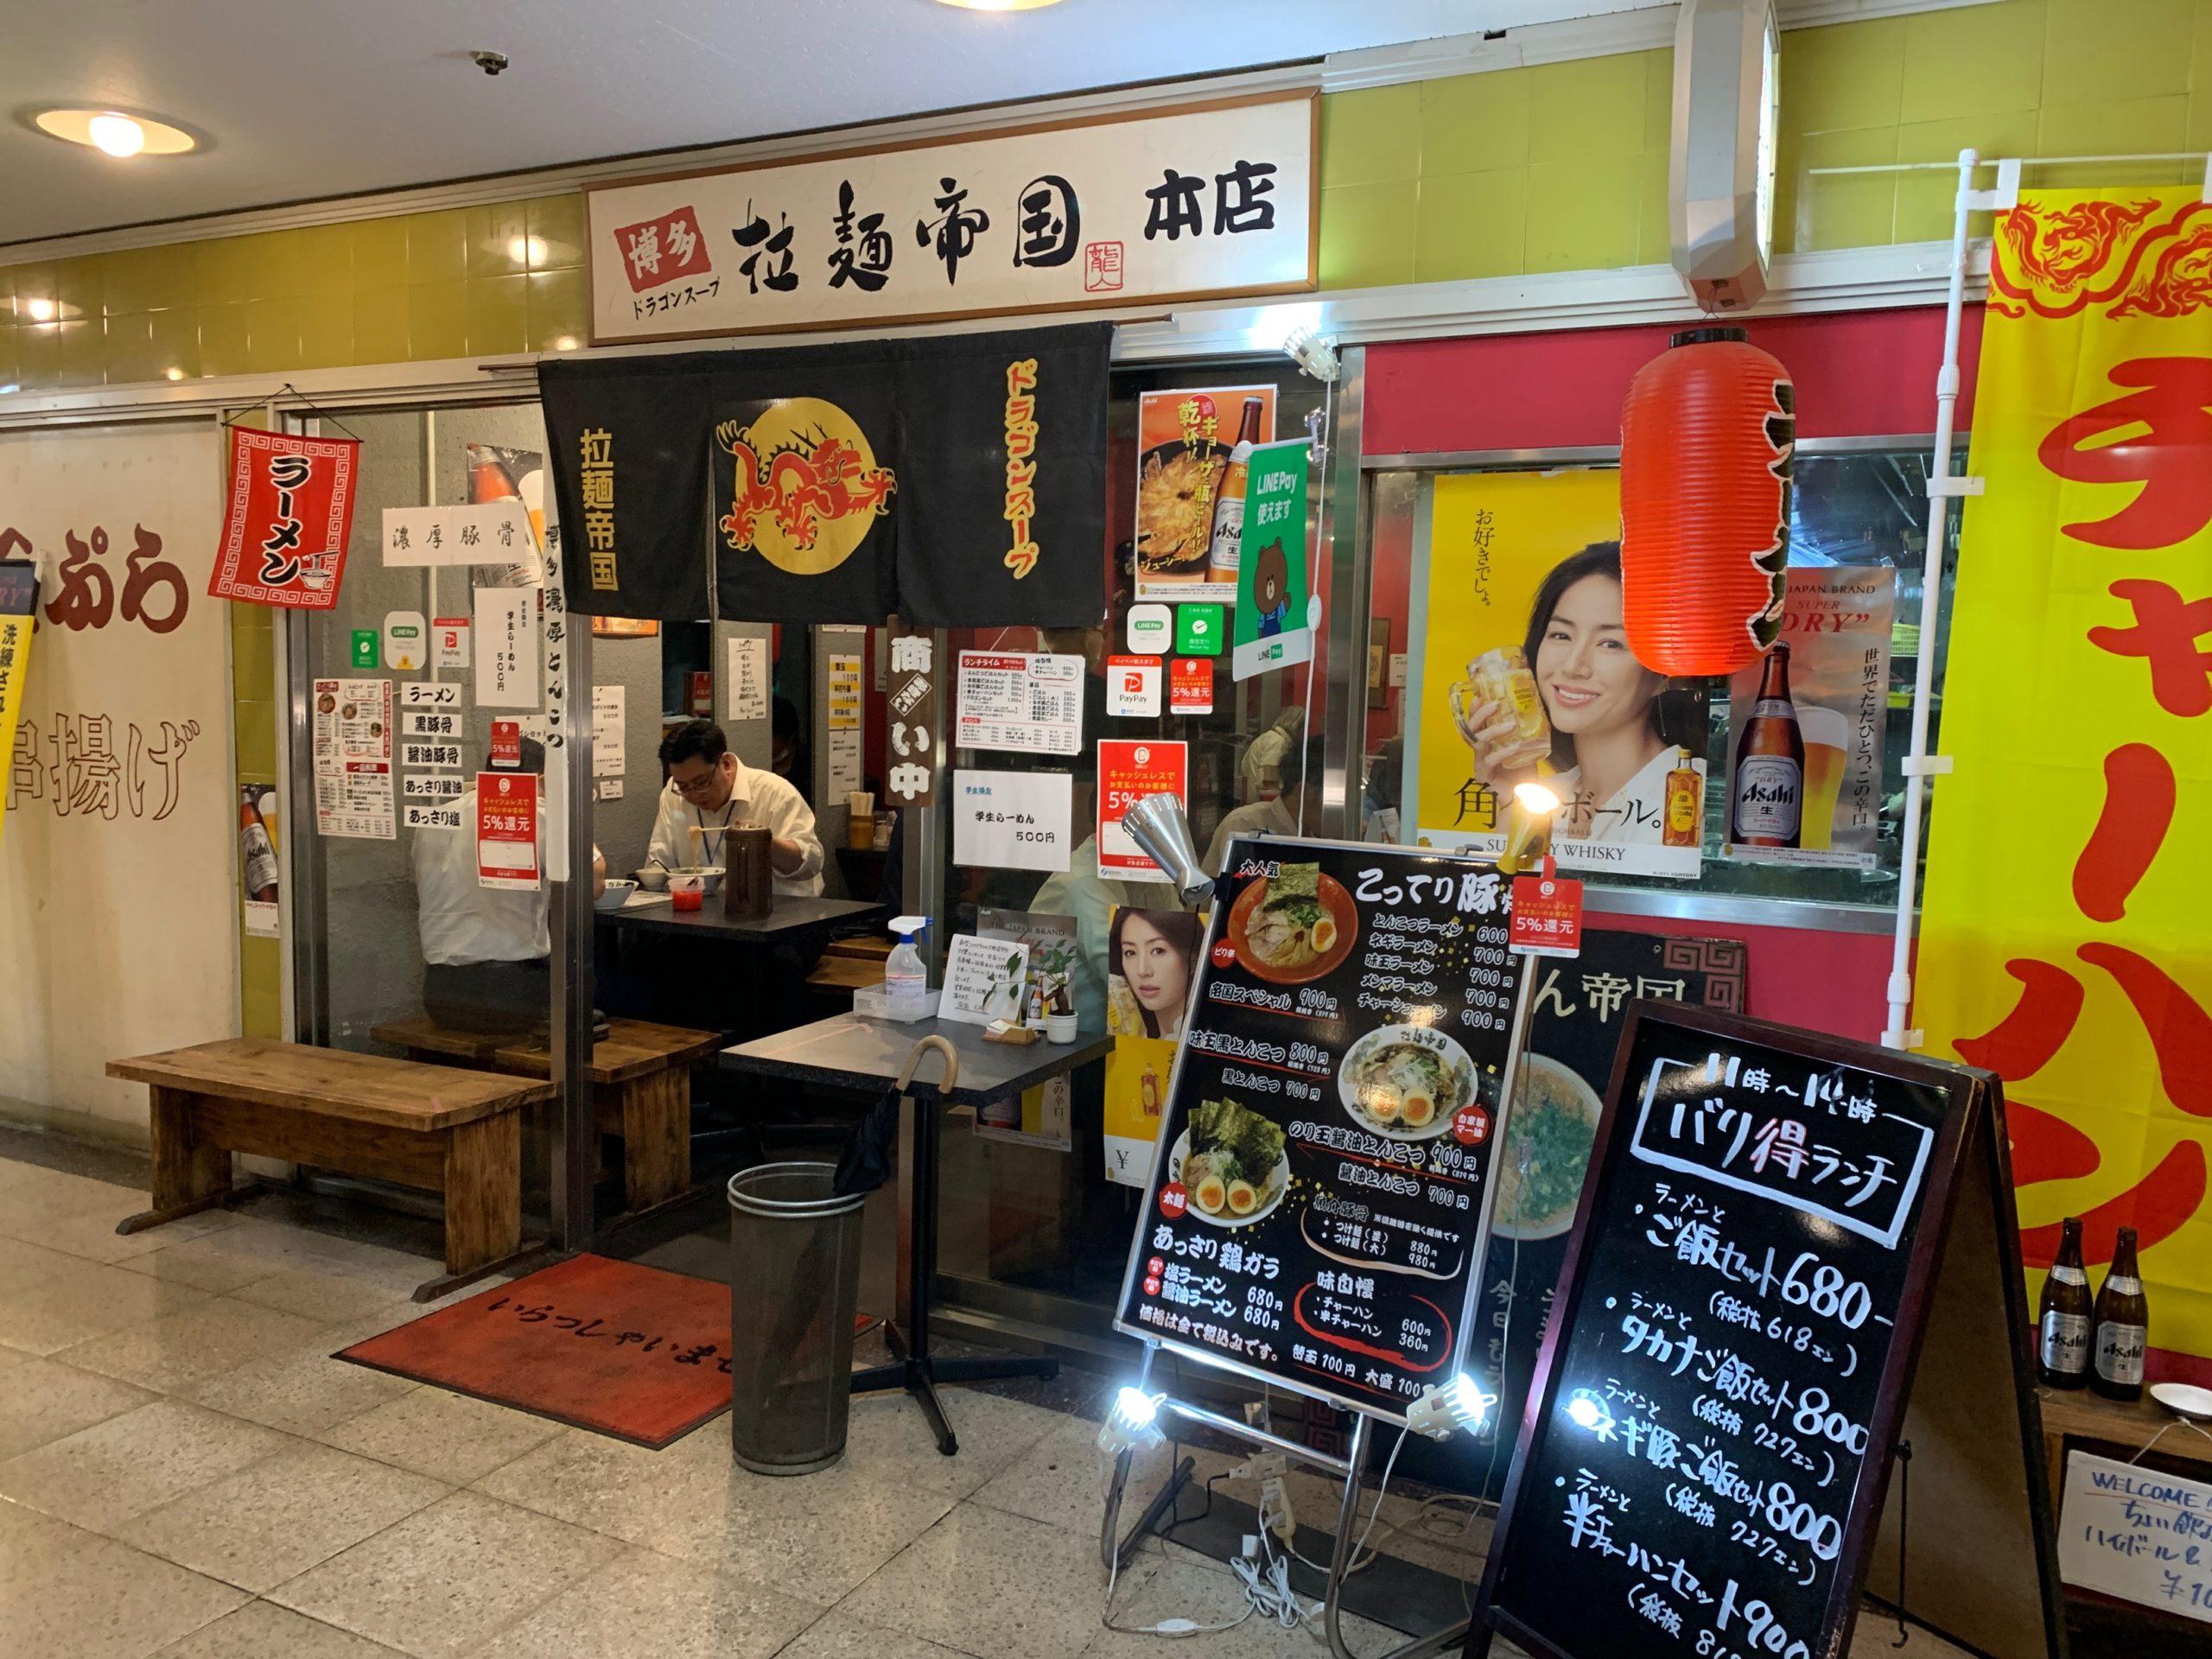 拉麺帝国本店のお店の外観